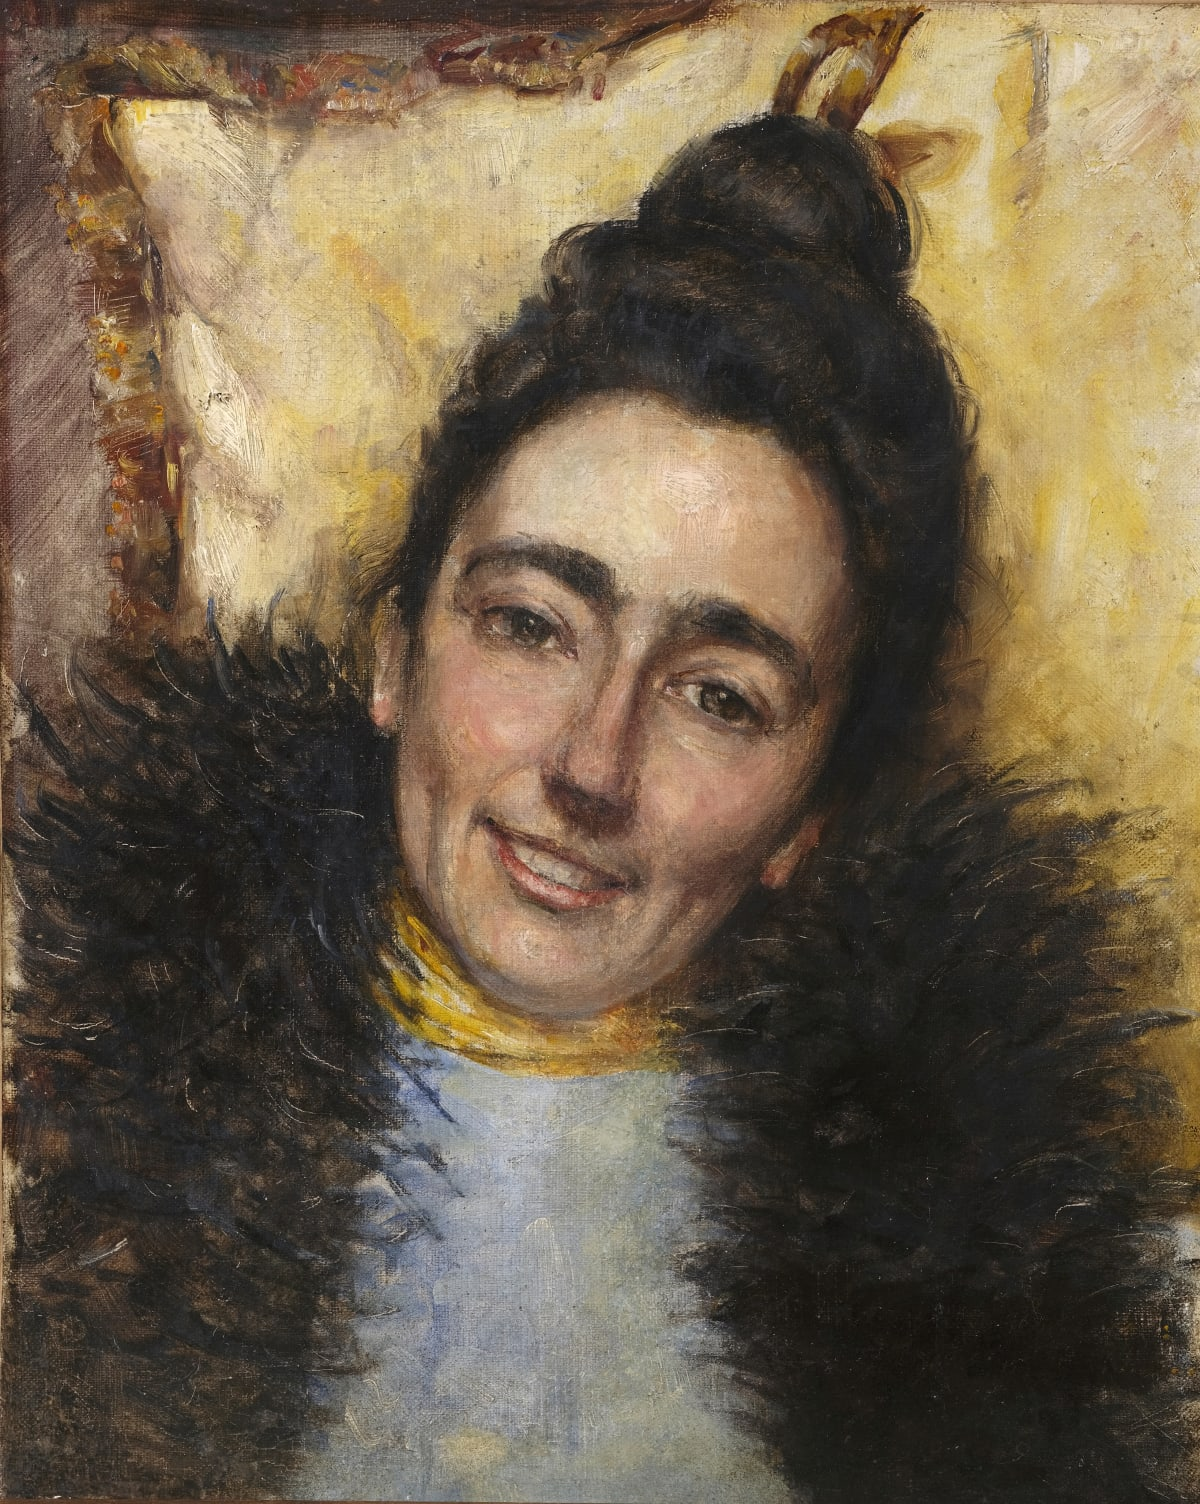 Ecole française de la fin du XIXème siècle Jane Avril, 1893 Huile sur toile 41 x 33,5 cm Annoté et daté sur le chassis, « Moulin Rouge Jane avril 1893 »